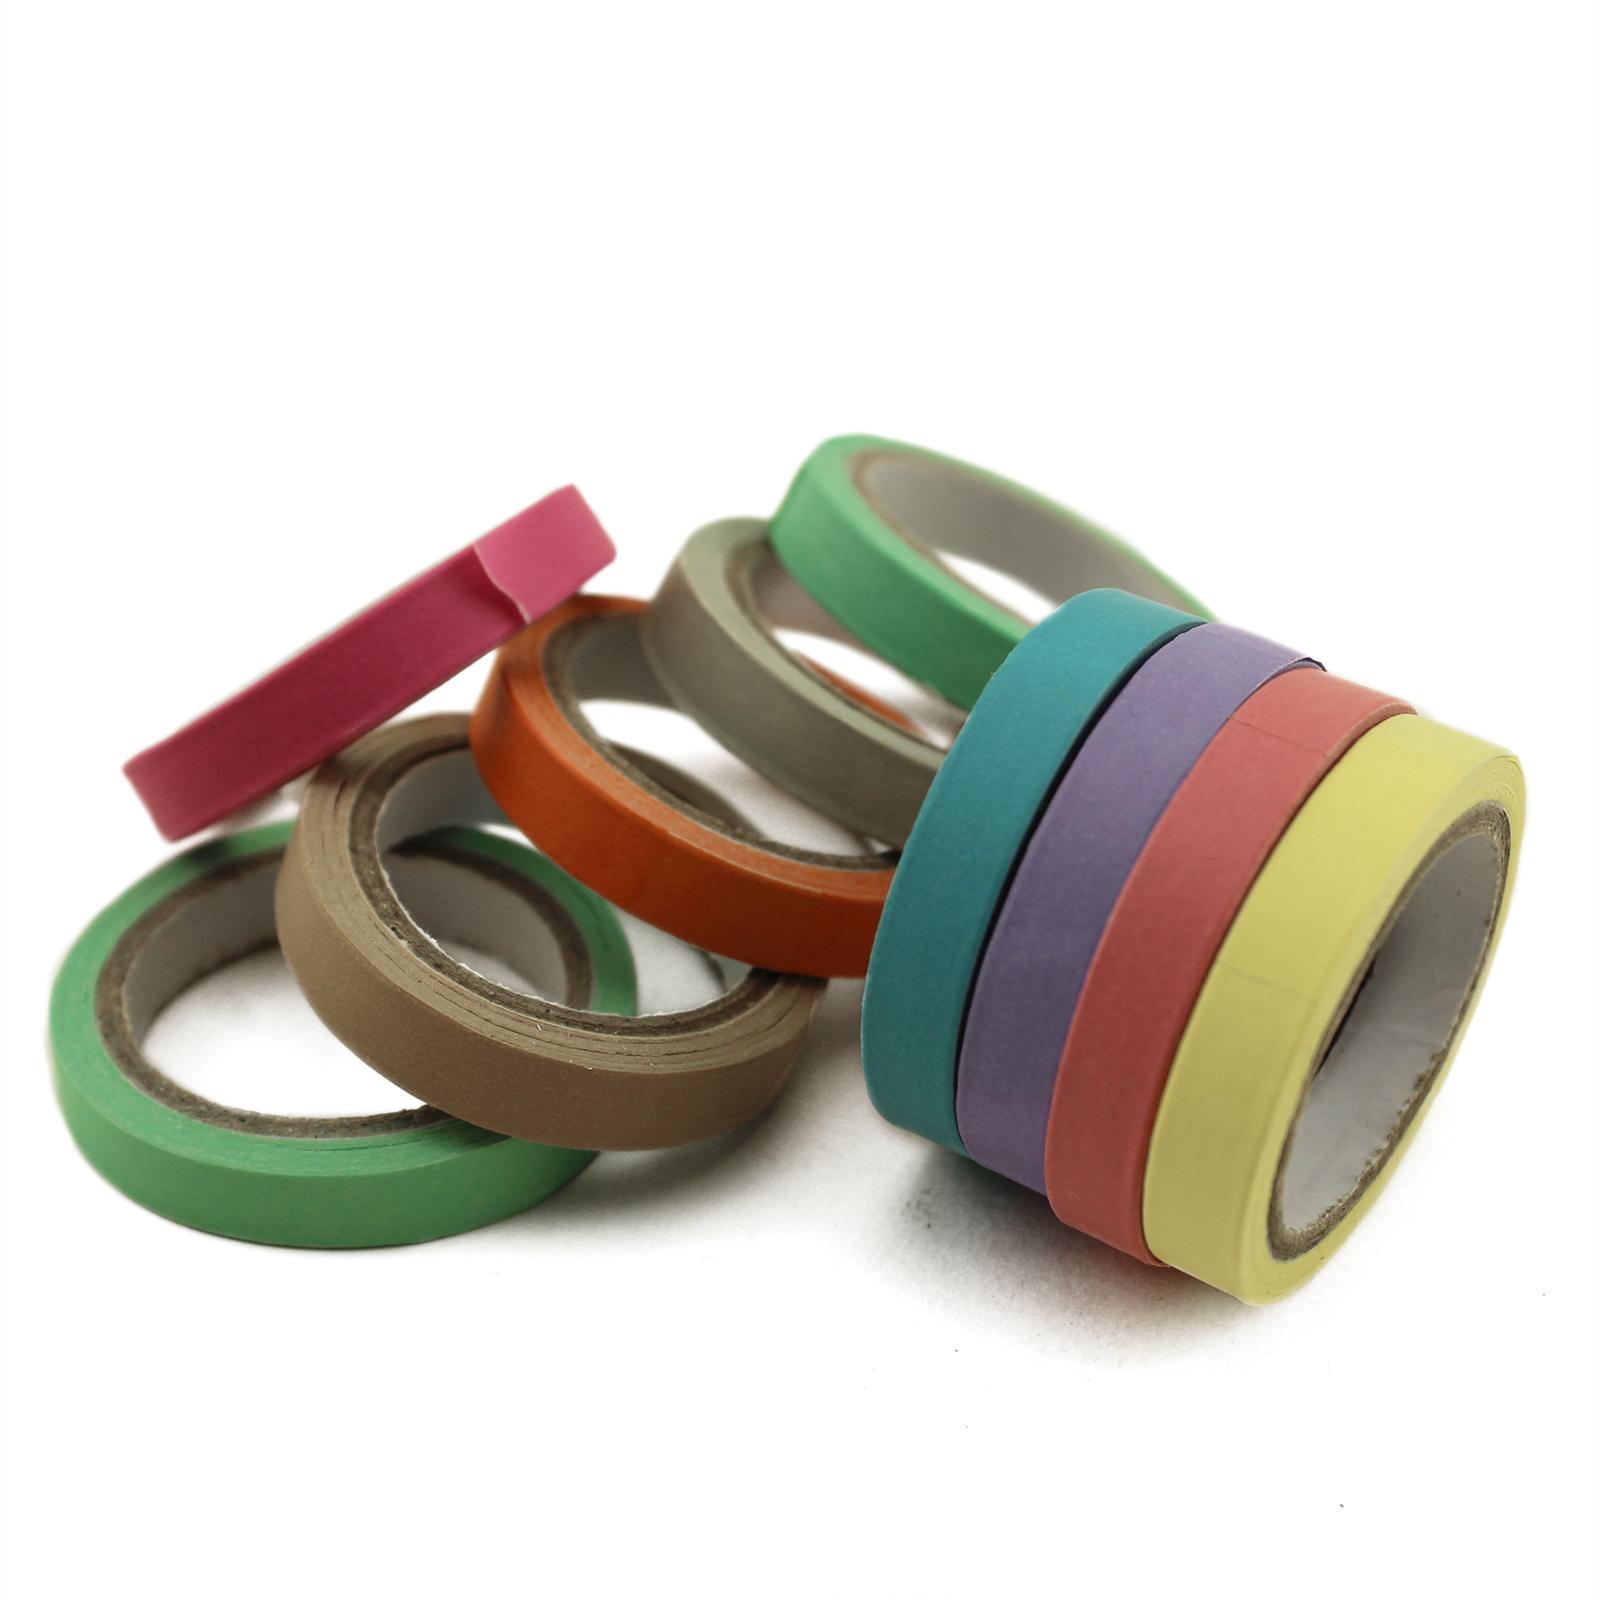 10x Decorative Washi Pastel Rainbowsthin Masking Tape